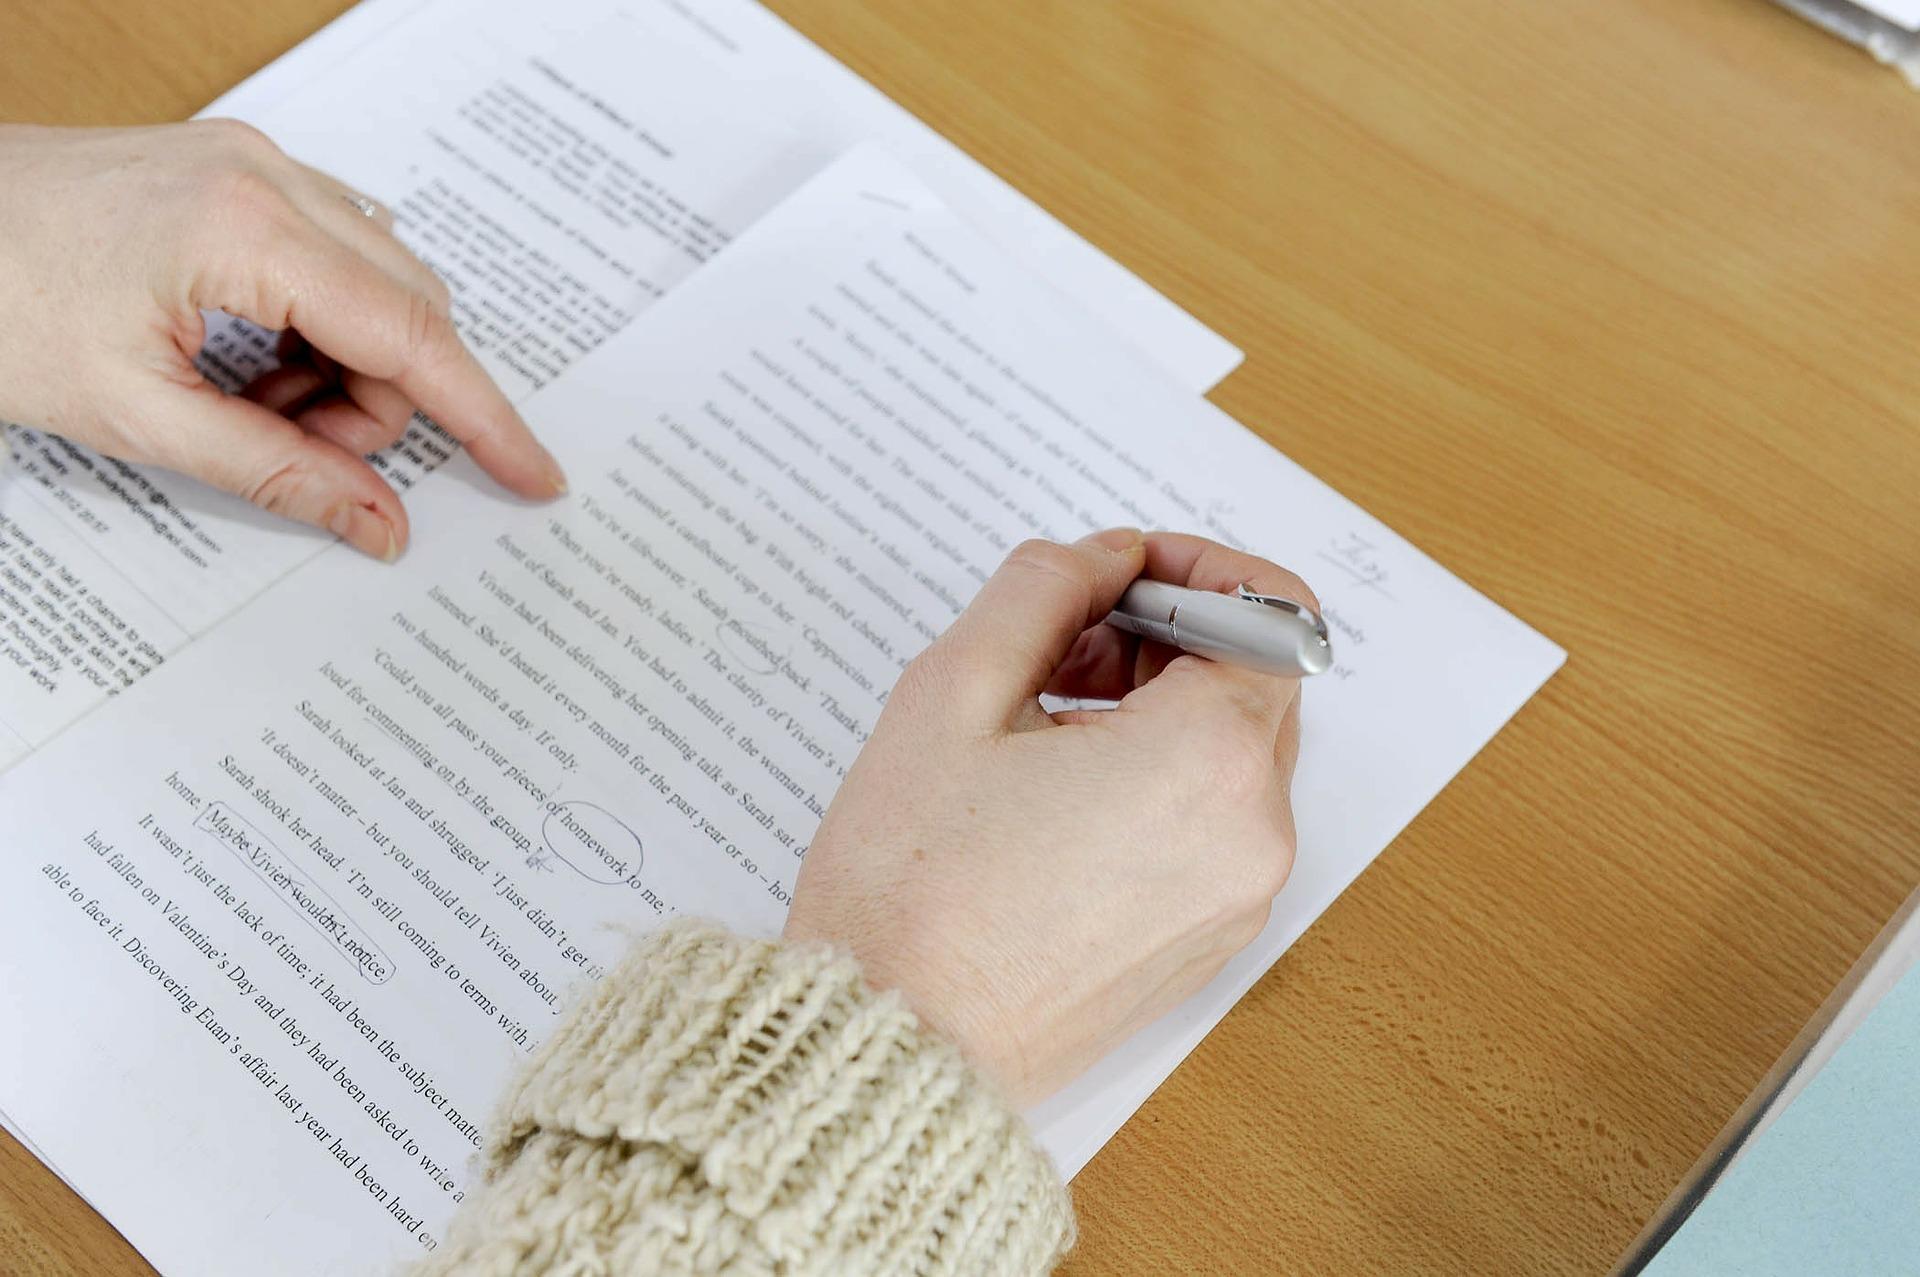 Schreibdenken – schnell und direkt zu kreativen Texten